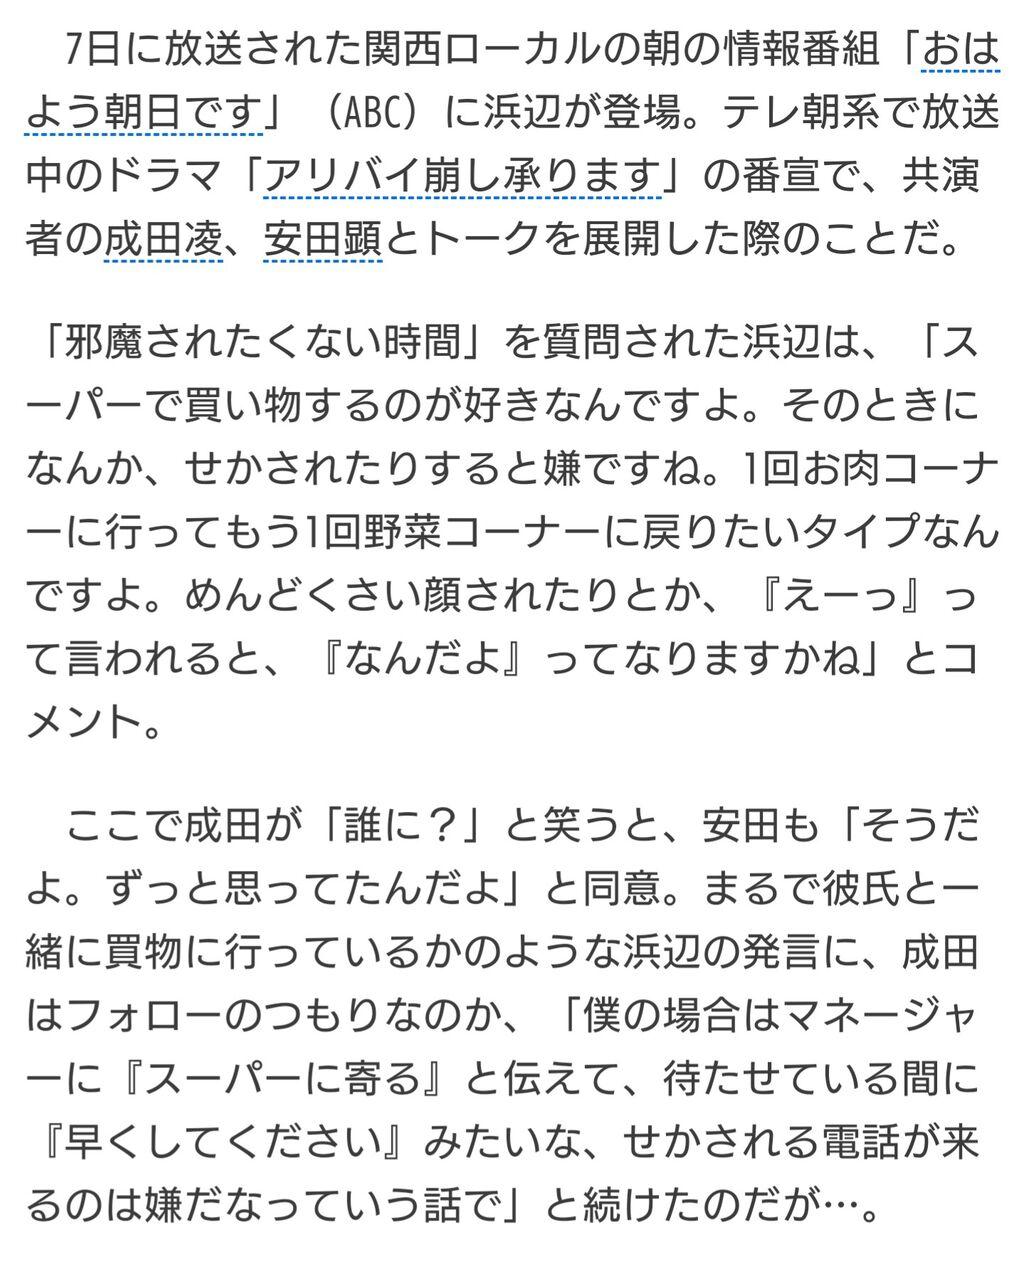 【悲報】浜辺美波さん、うっかり彼氏の存在を匂わす発言をしてしまう